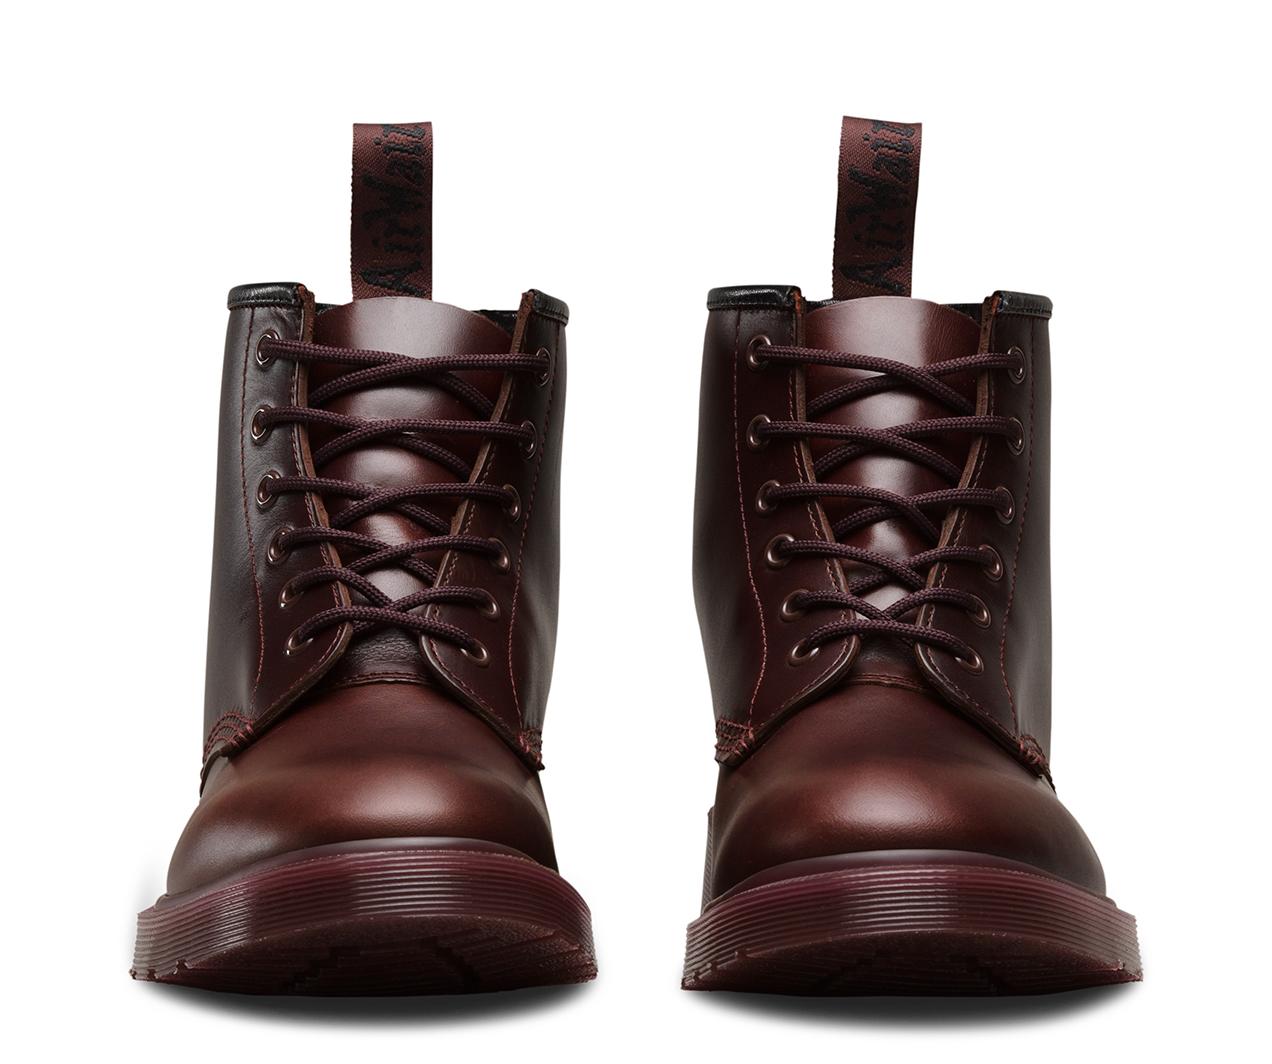 101 brando men 39 s boots official dr martens store. Black Bedroom Furniture Sets. Home Design Ideas